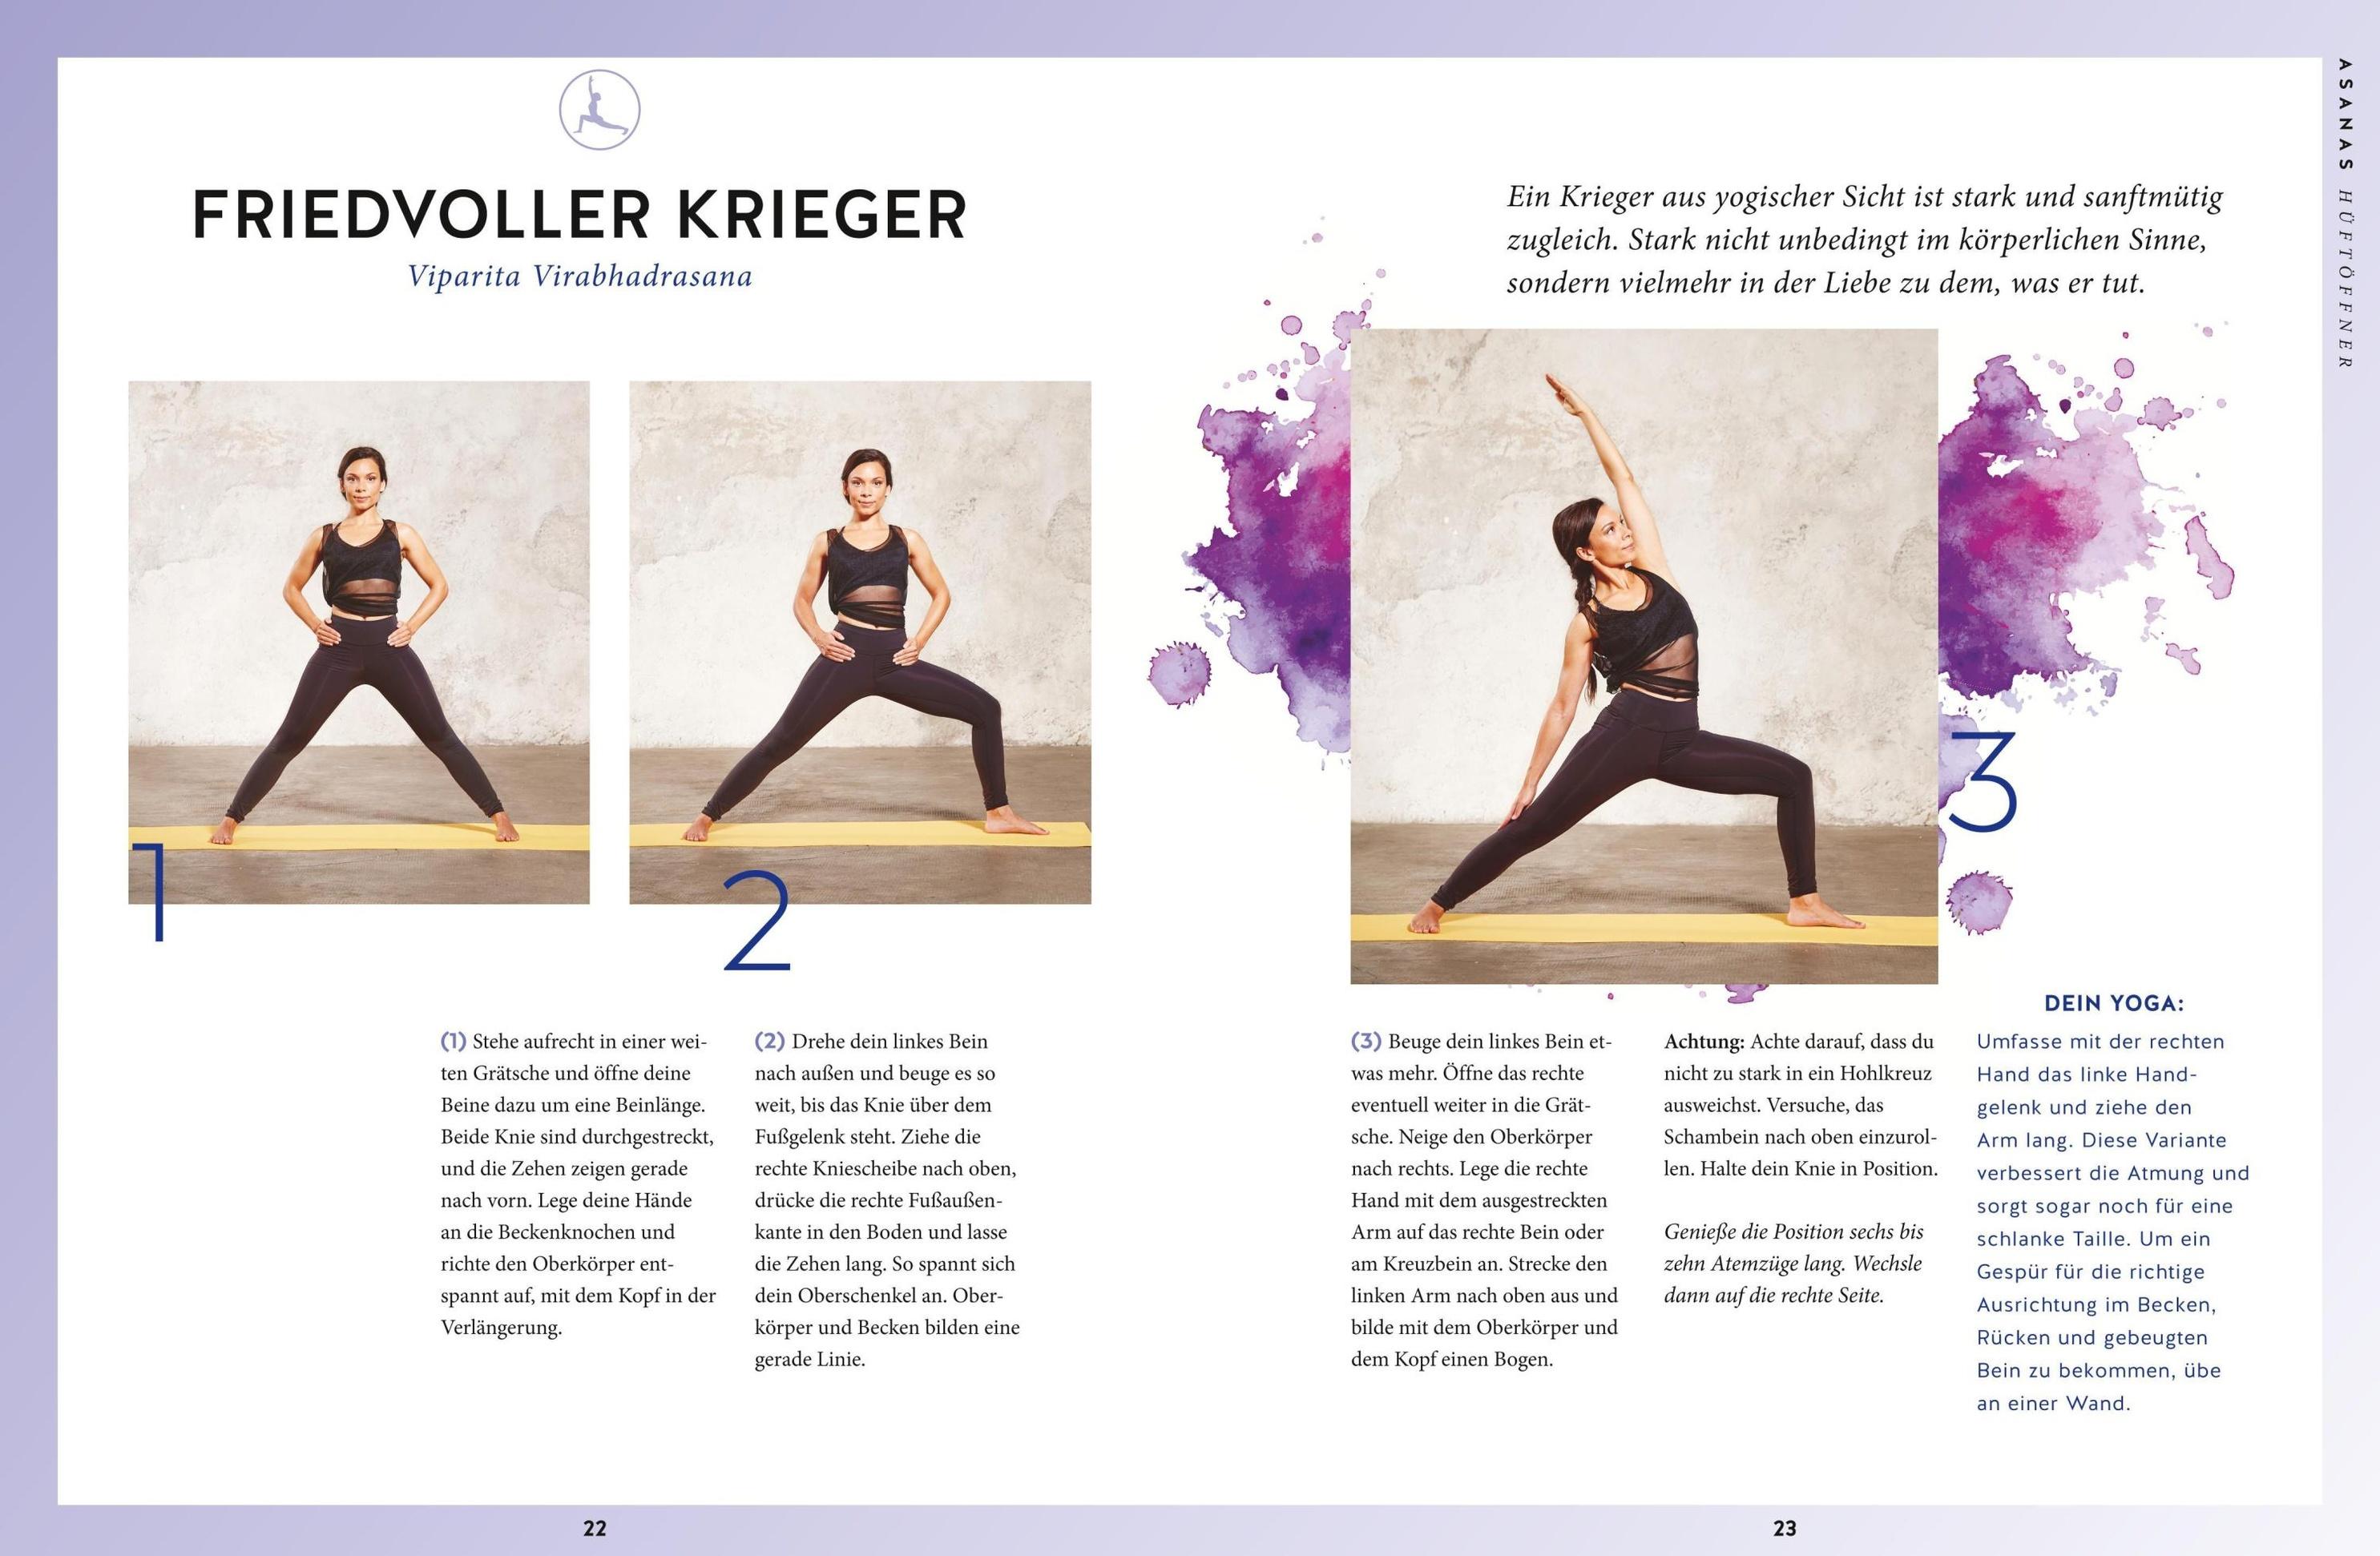 Yoga Basics M Dvd Buch Von Amiena Zylla Versandkostenfrei Weltbild At